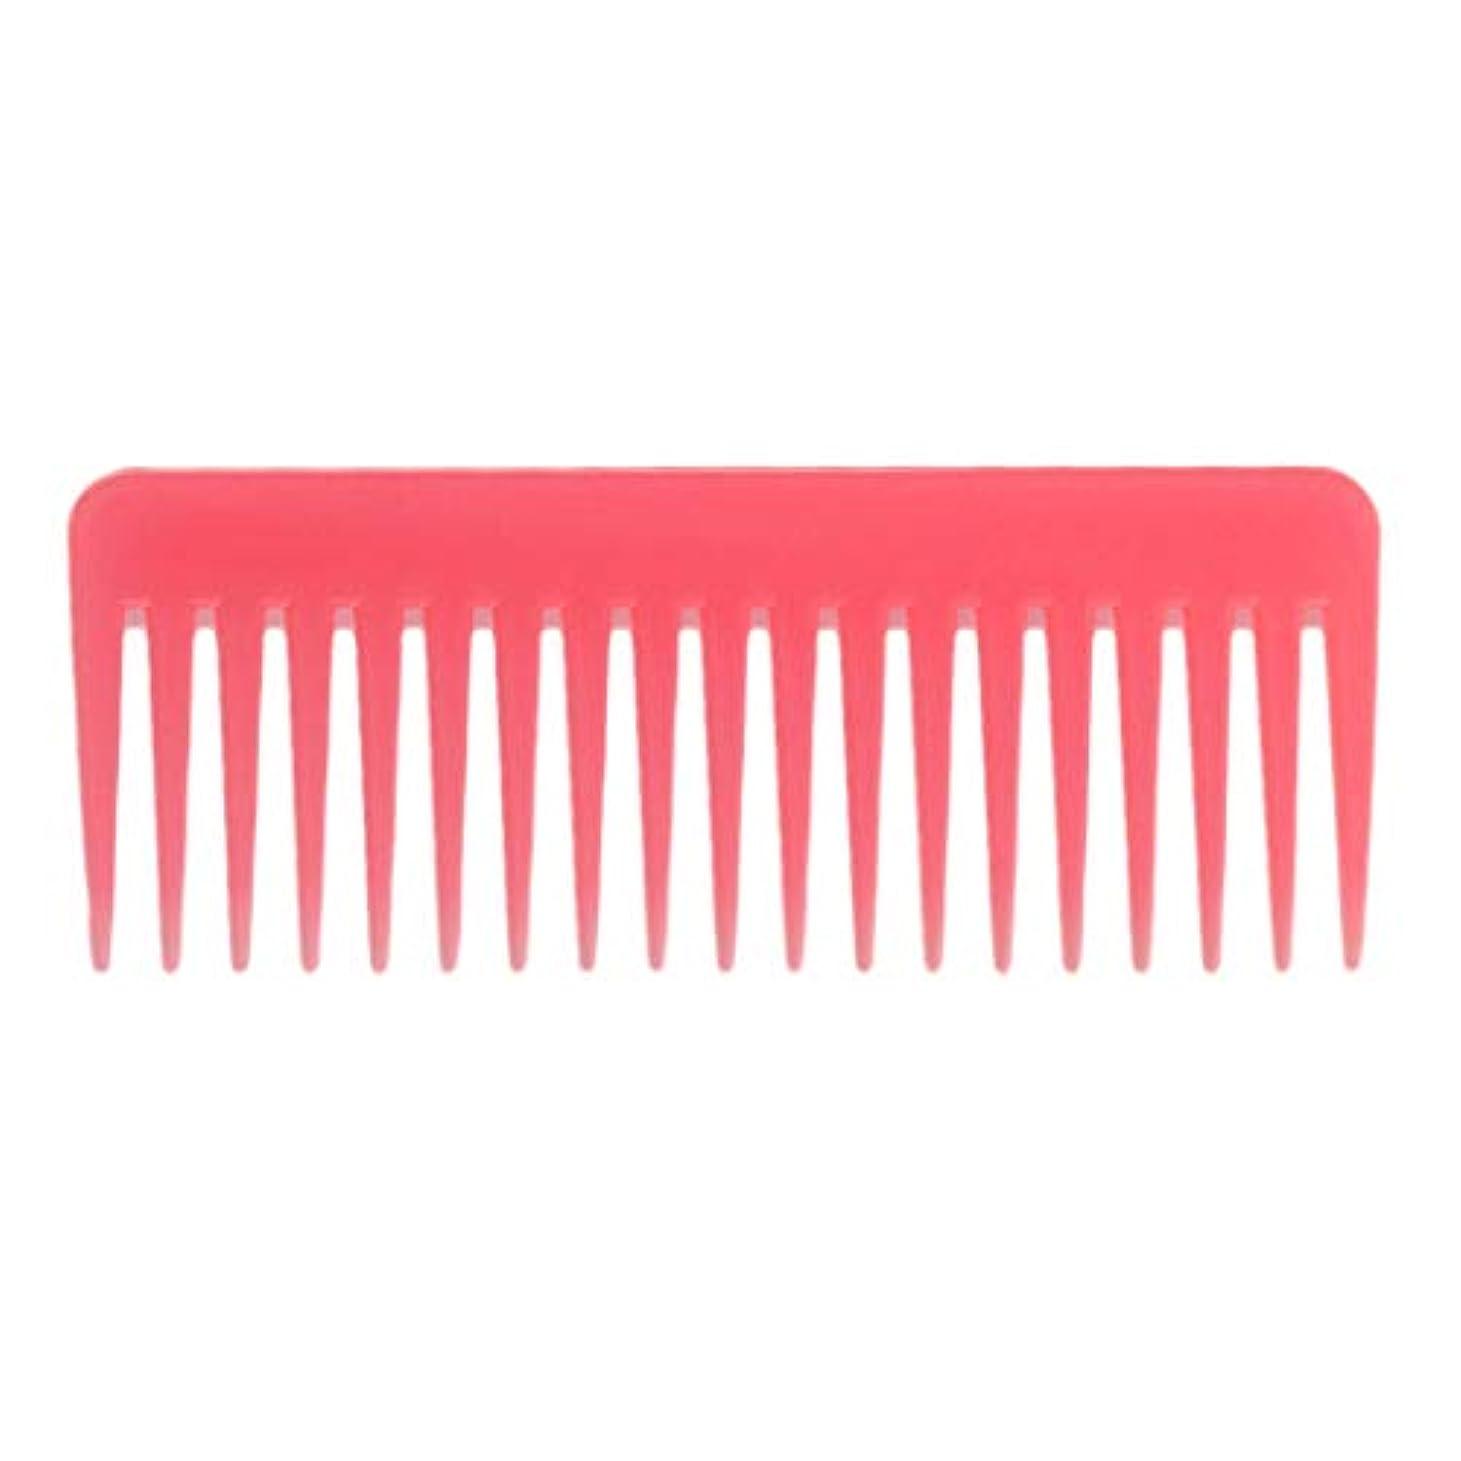 理容師増強する感じ巻き毛の太い髪用の広い歯のもつれのくしサロンシャンプーヘアブラシくし、6.1 ' - ピンク